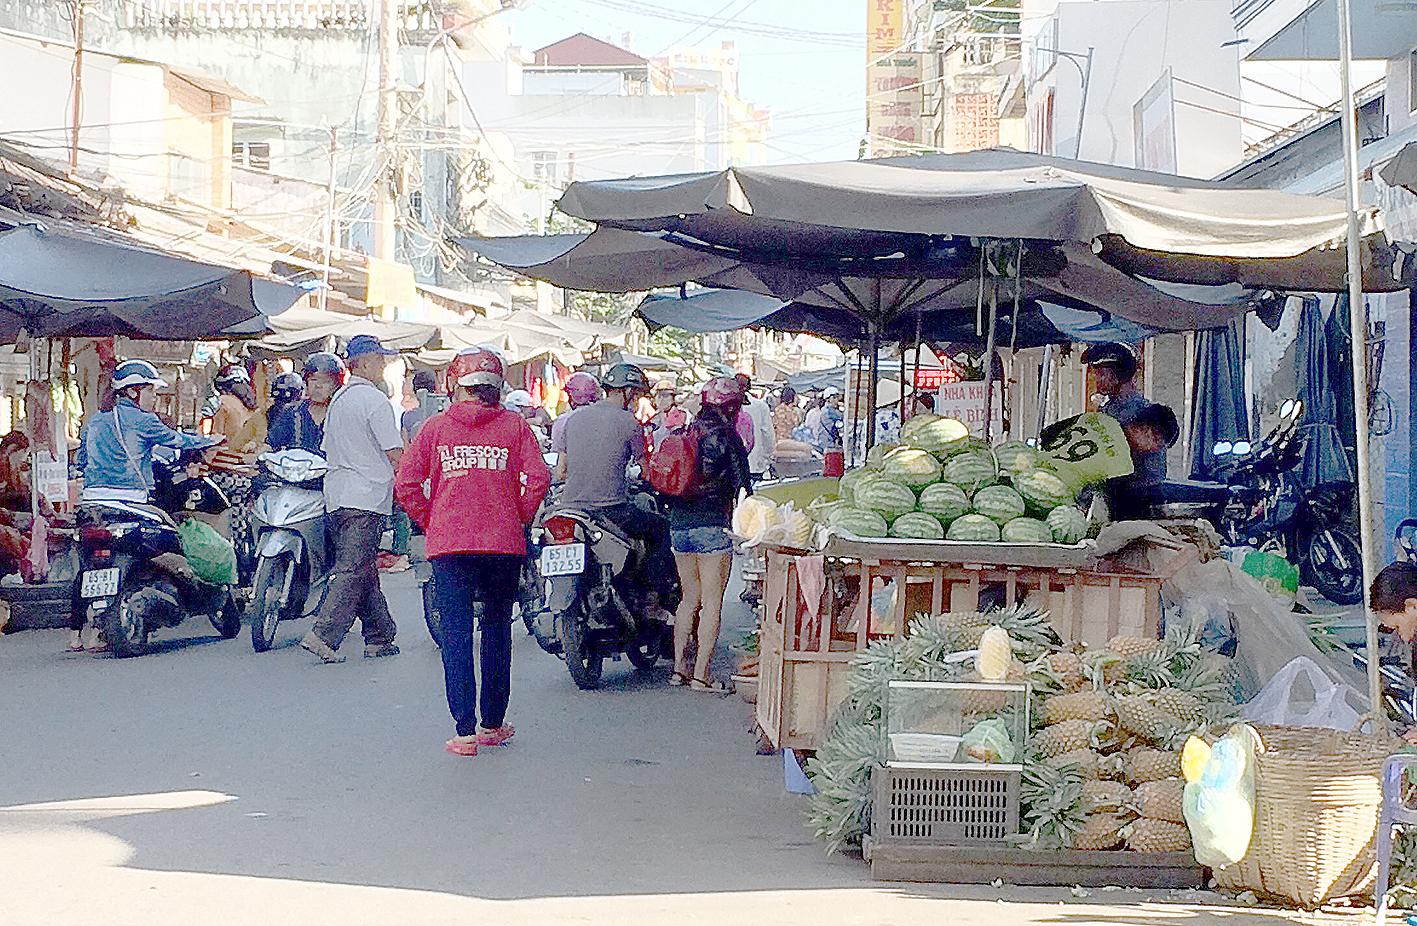 Nhiều tiểu thương lấn chiếm lòng đường ở khu vực chợ Cái Răng không đảm bảo an toàn giao thông, ảnh hưởng đến mỹ quan chợ.